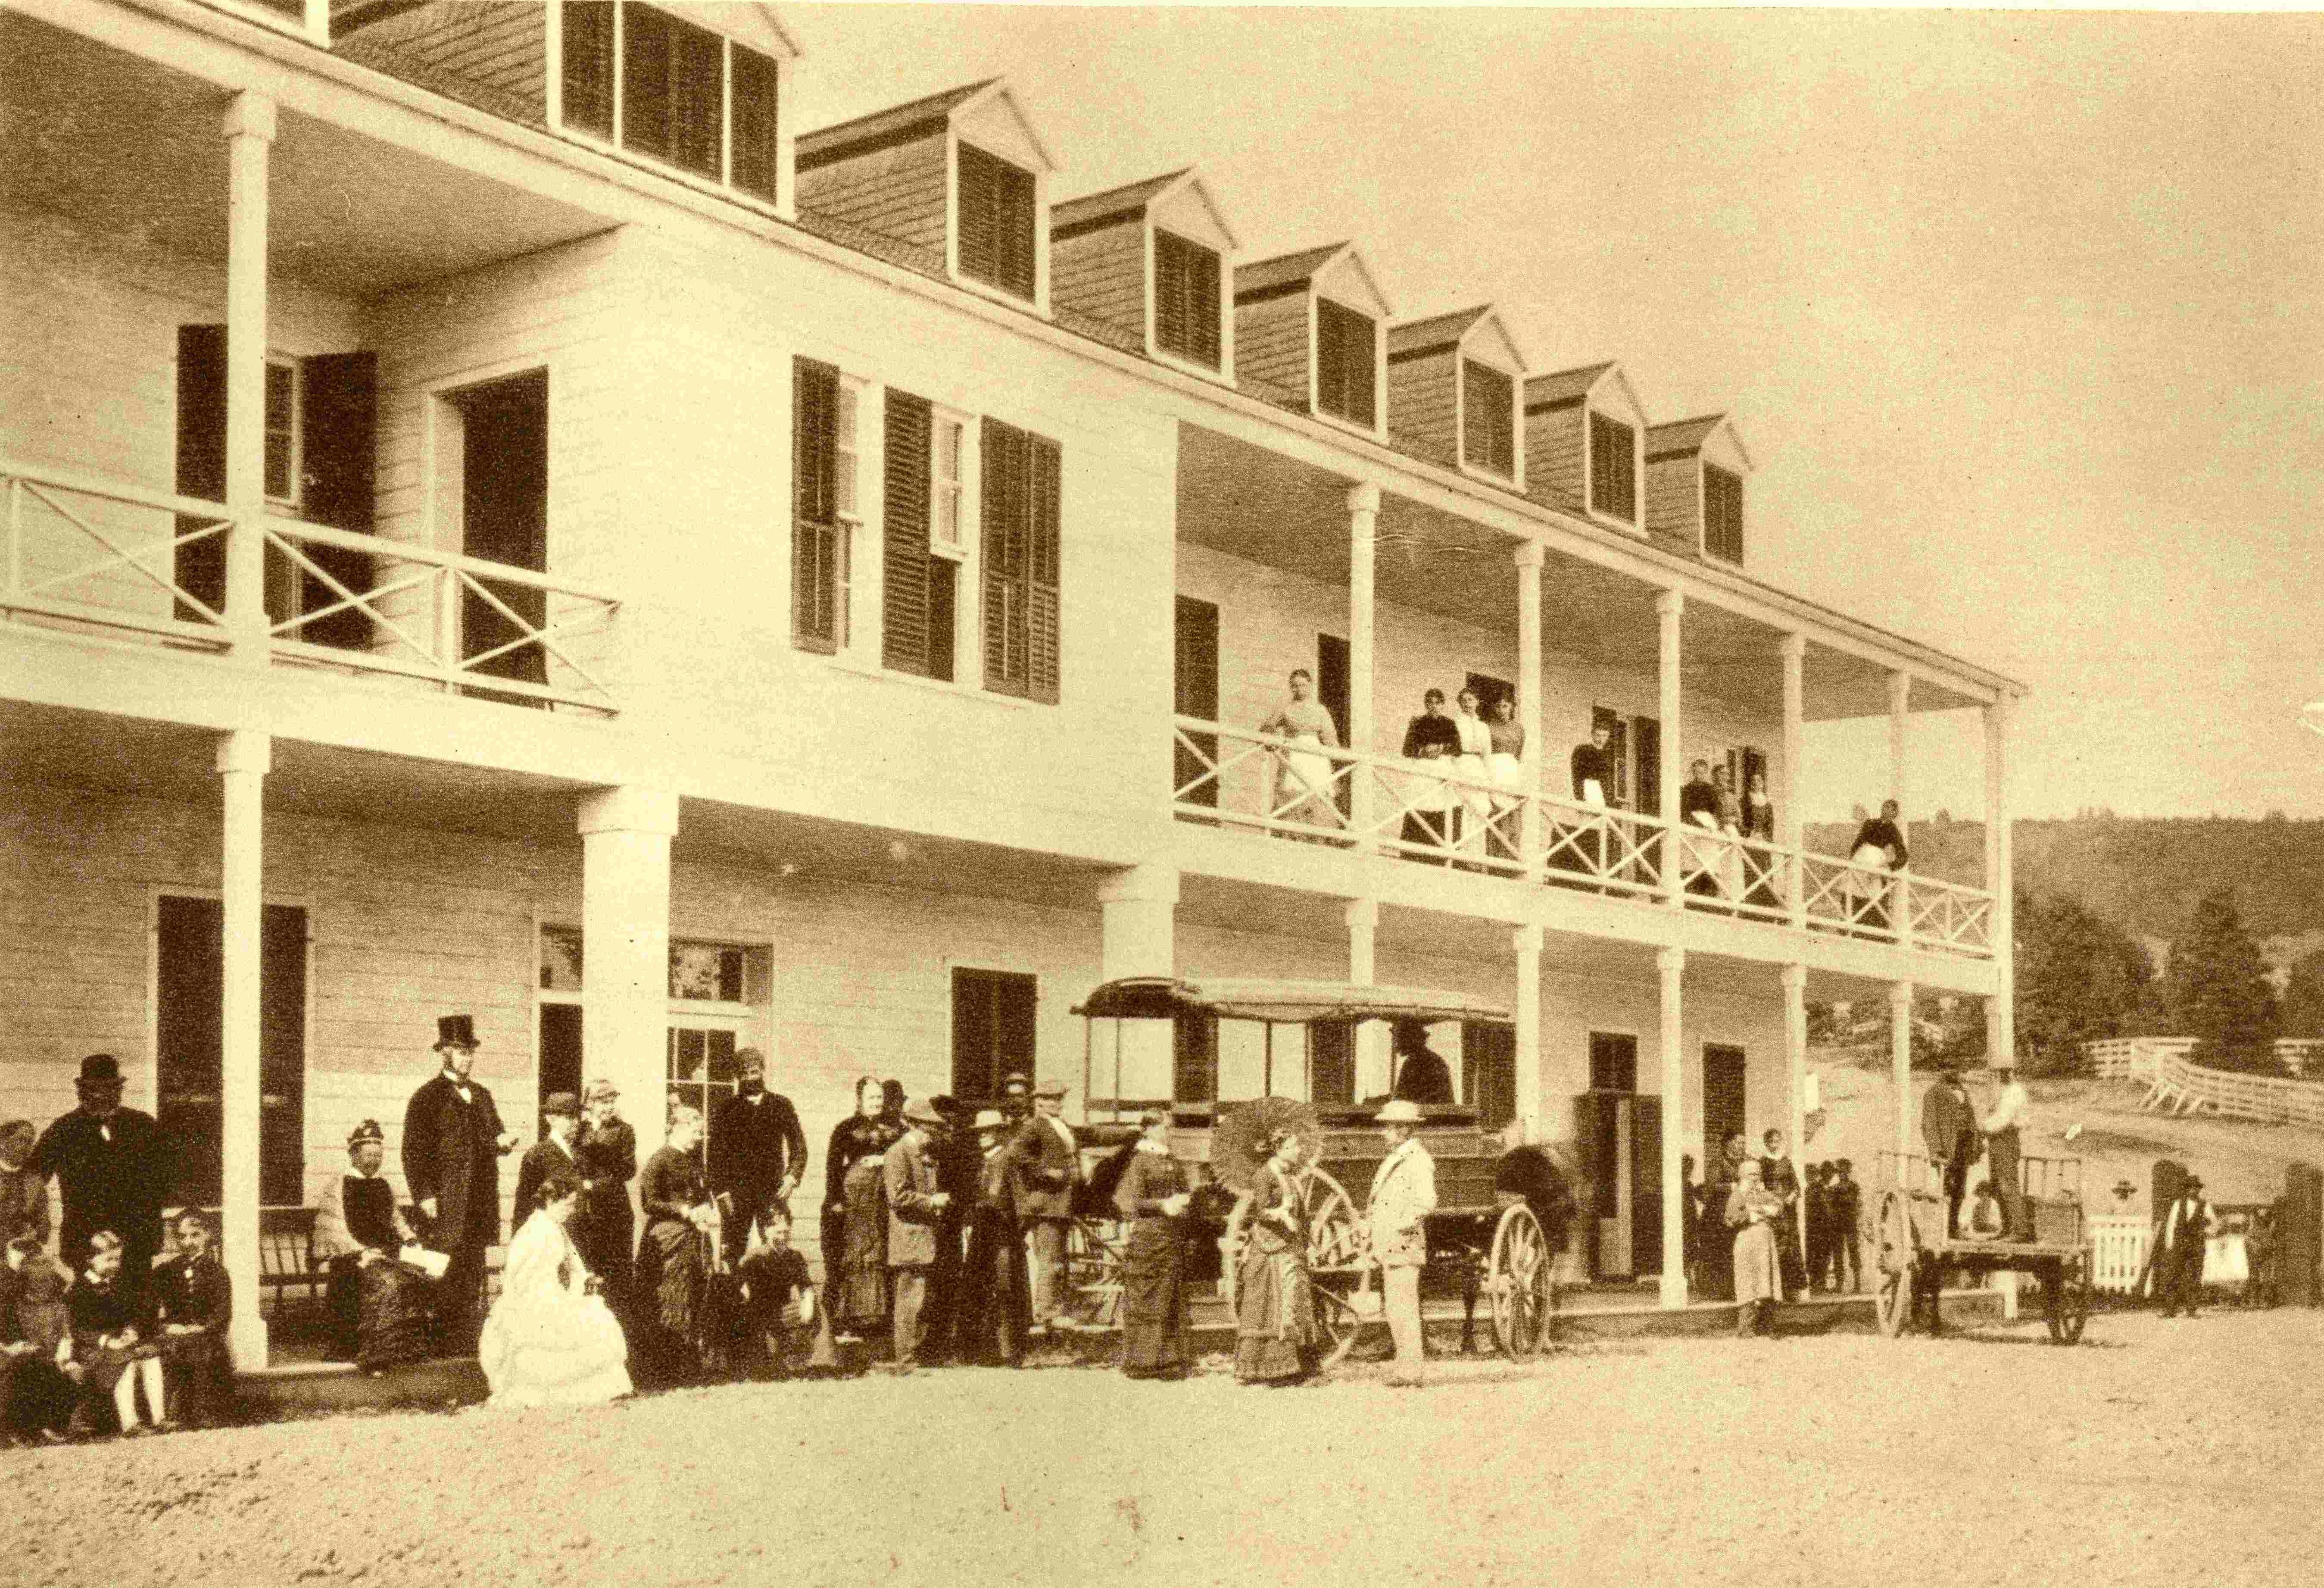 Plusieurs clients se tiennent devant un hôtel. On aperçoit une voiture à cheval destinée au transport des passagers.